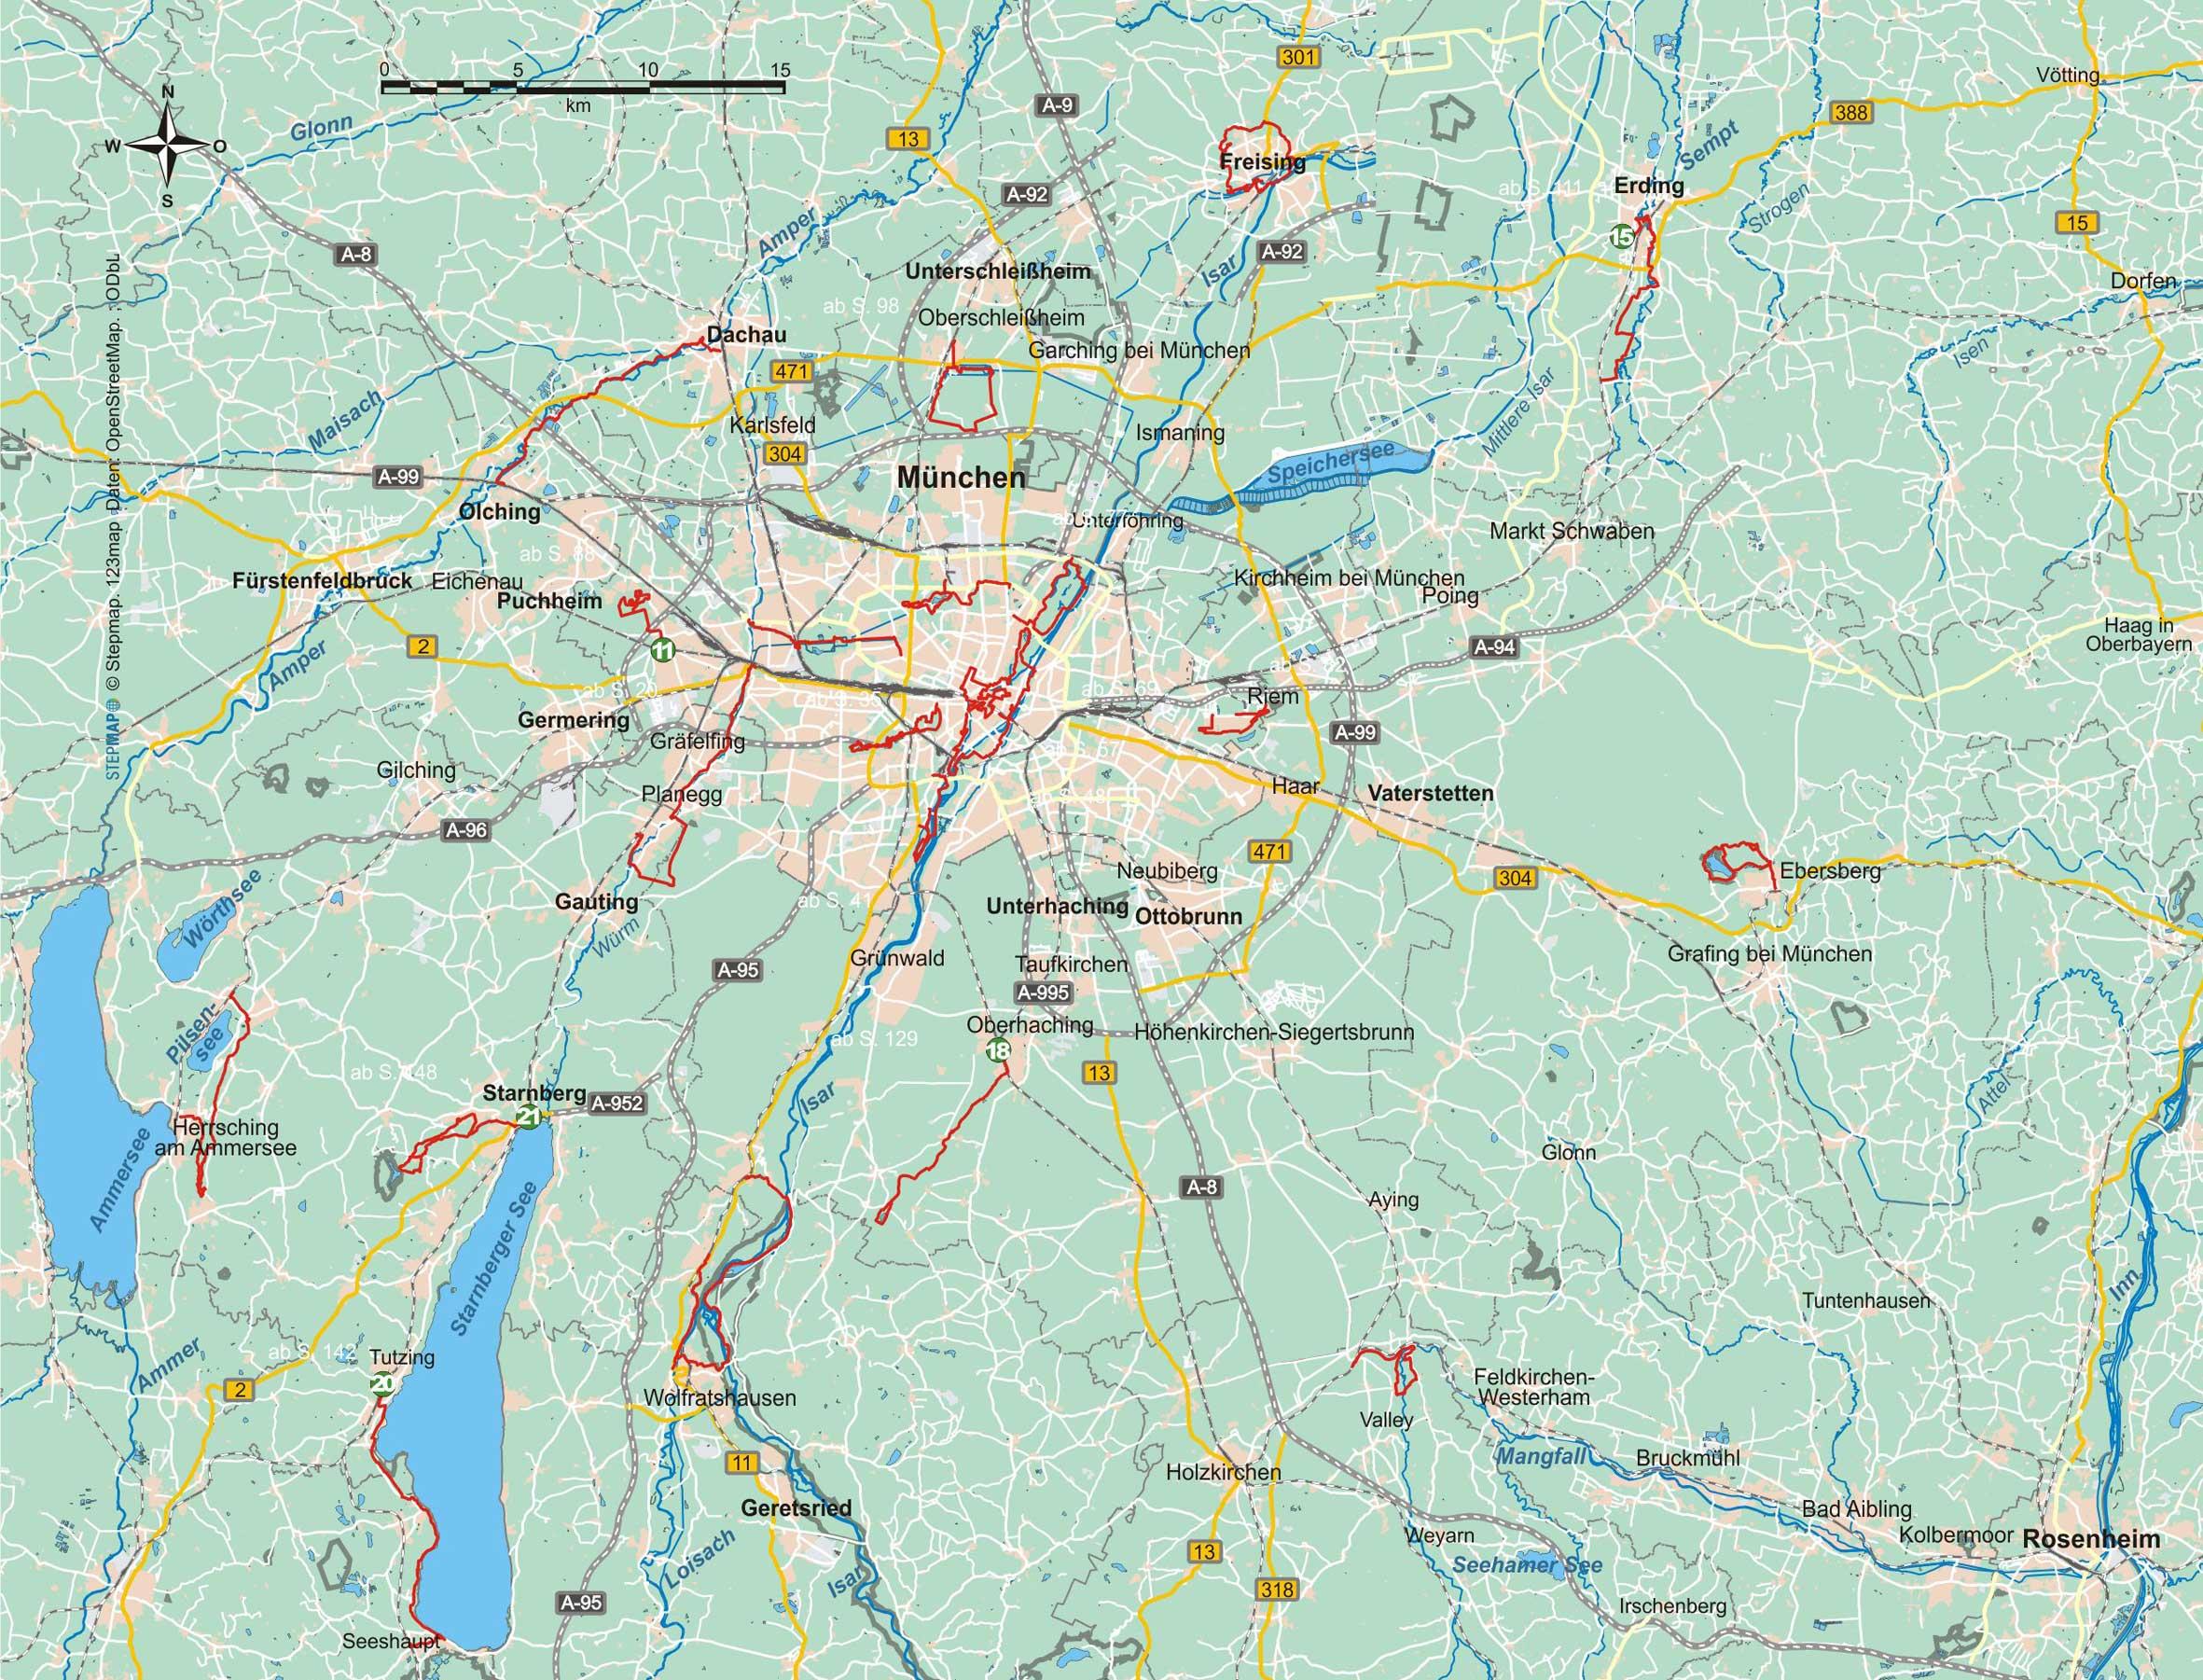 München und Umgebung (22 Wanderungen)